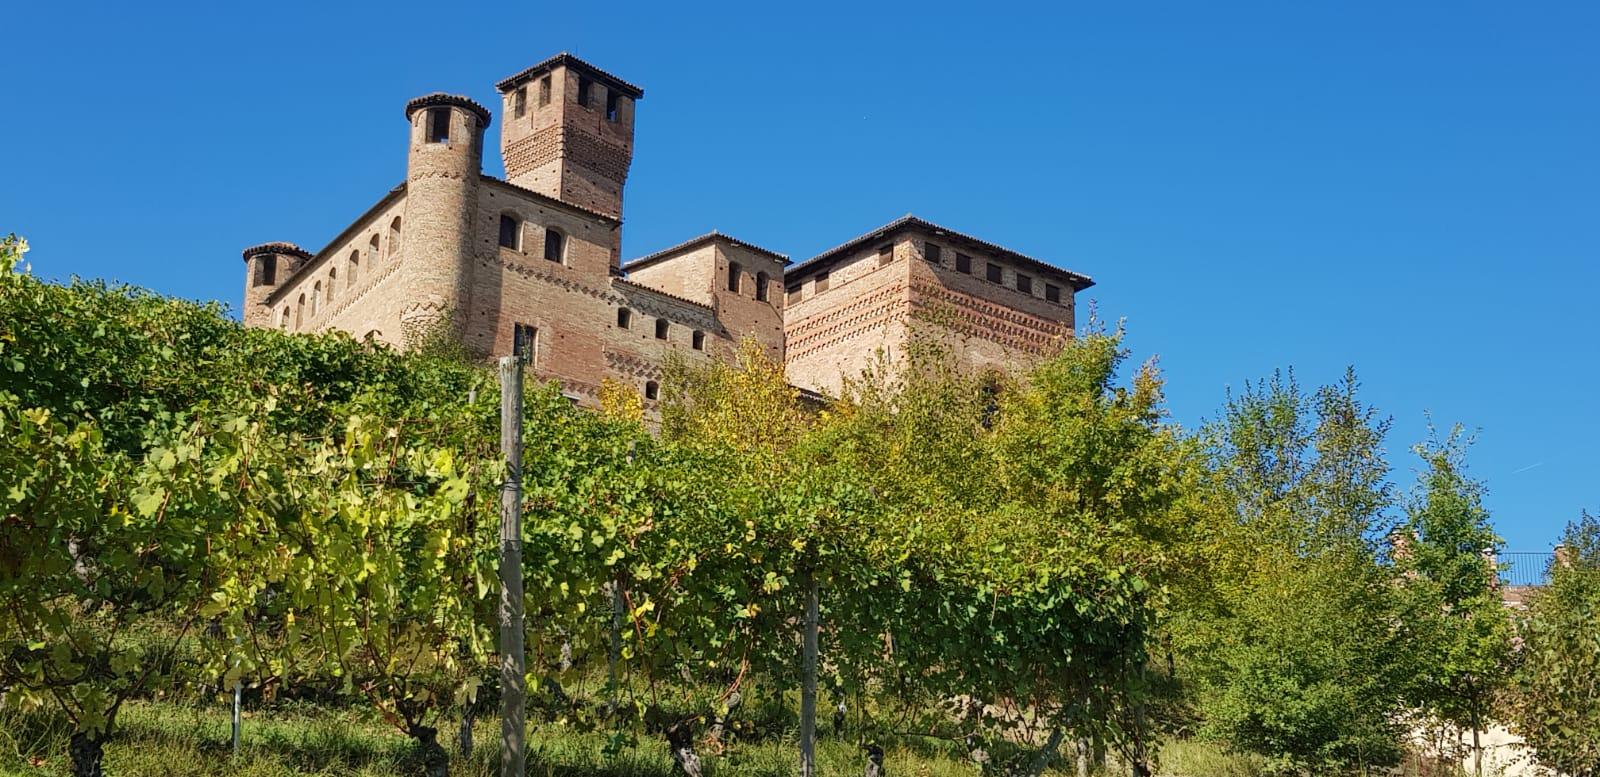 Castello di Grinzane